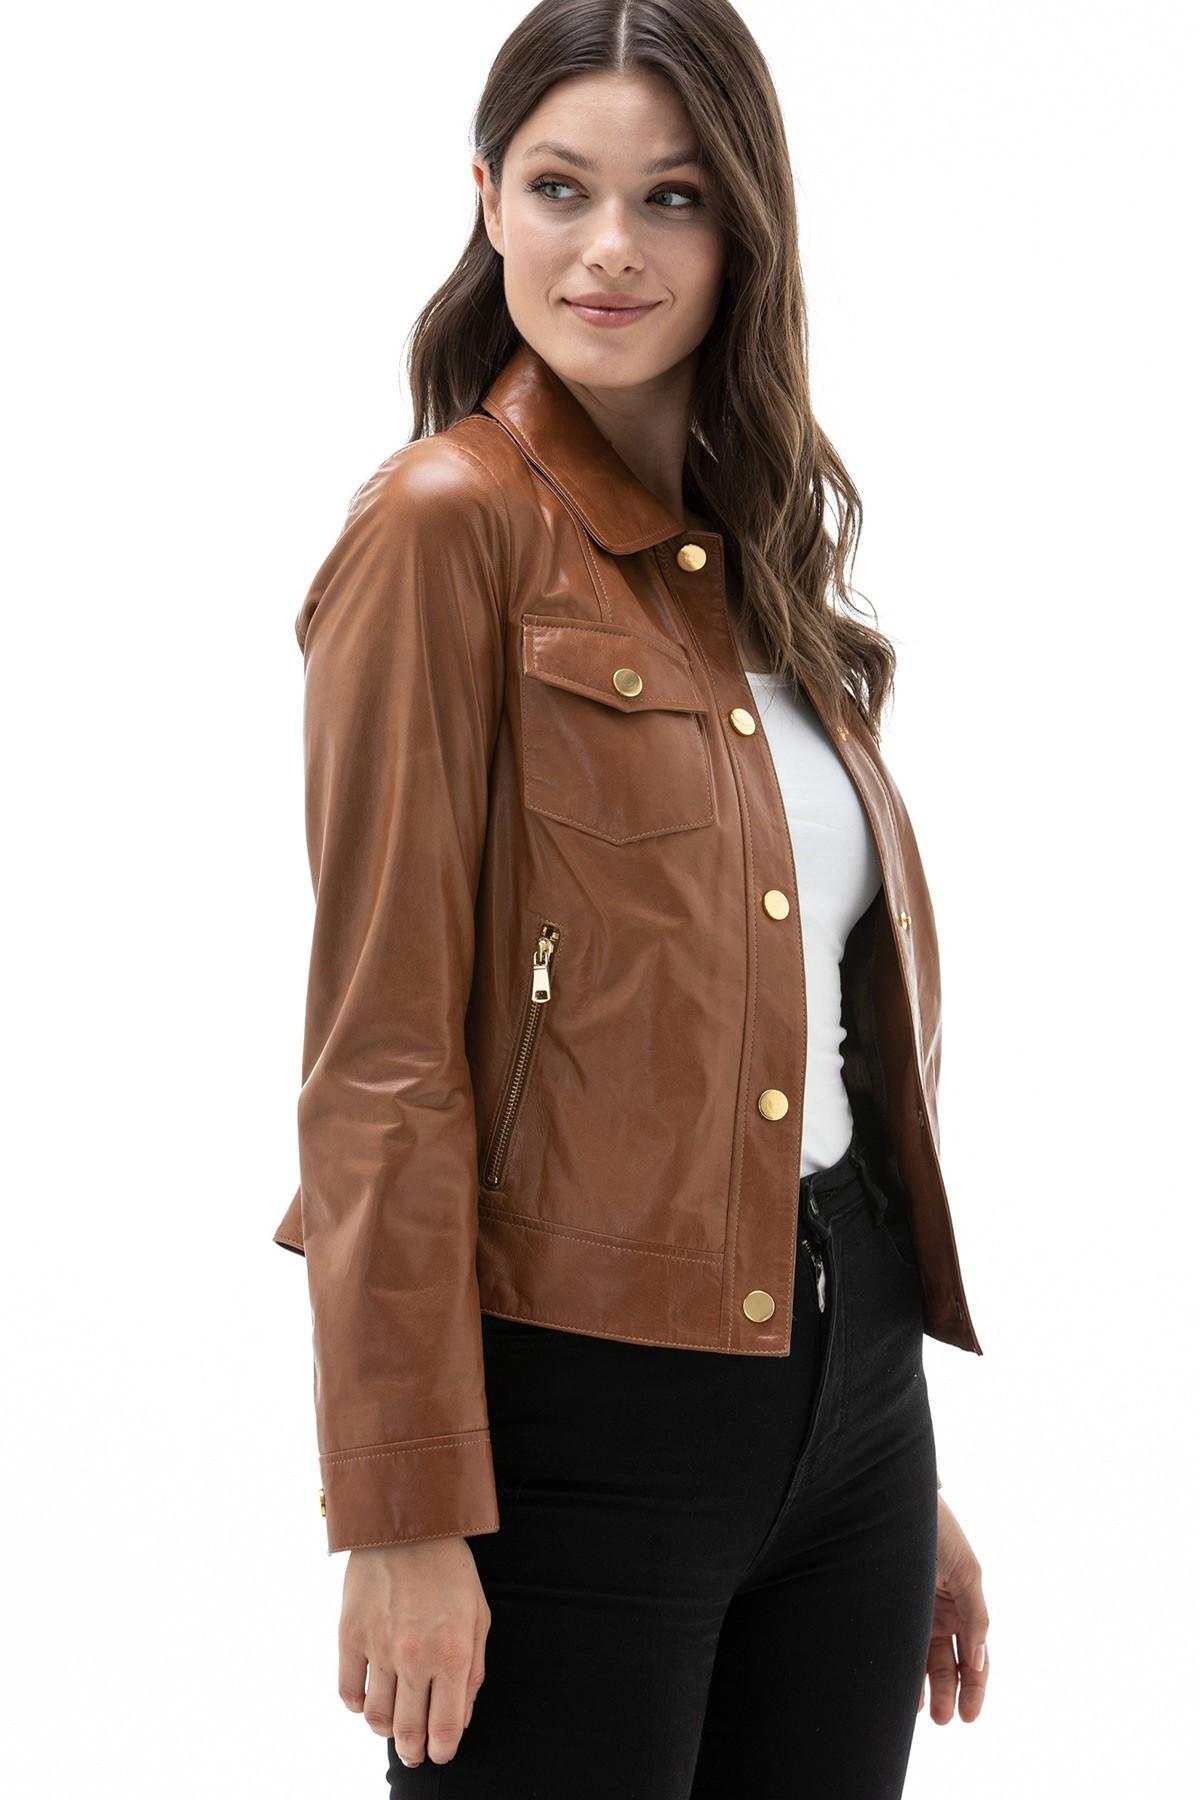 Ladies Brown Leather Jackets